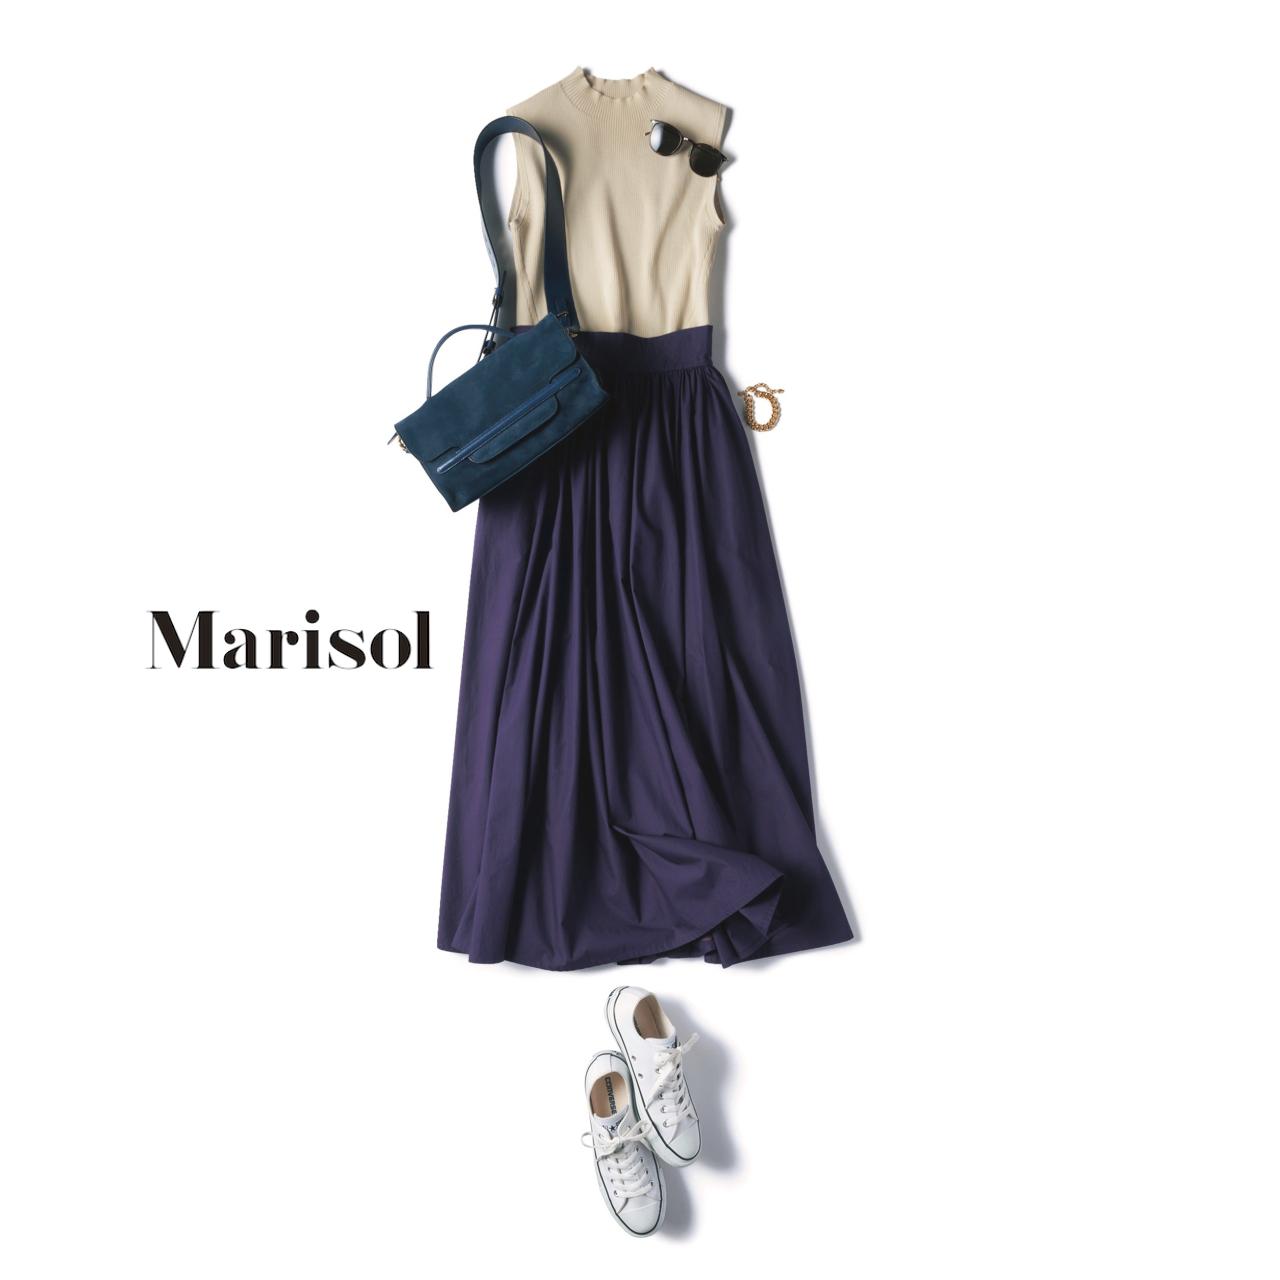 ファッション ベージュ×パープル配色の大人のスニーカーコーデ